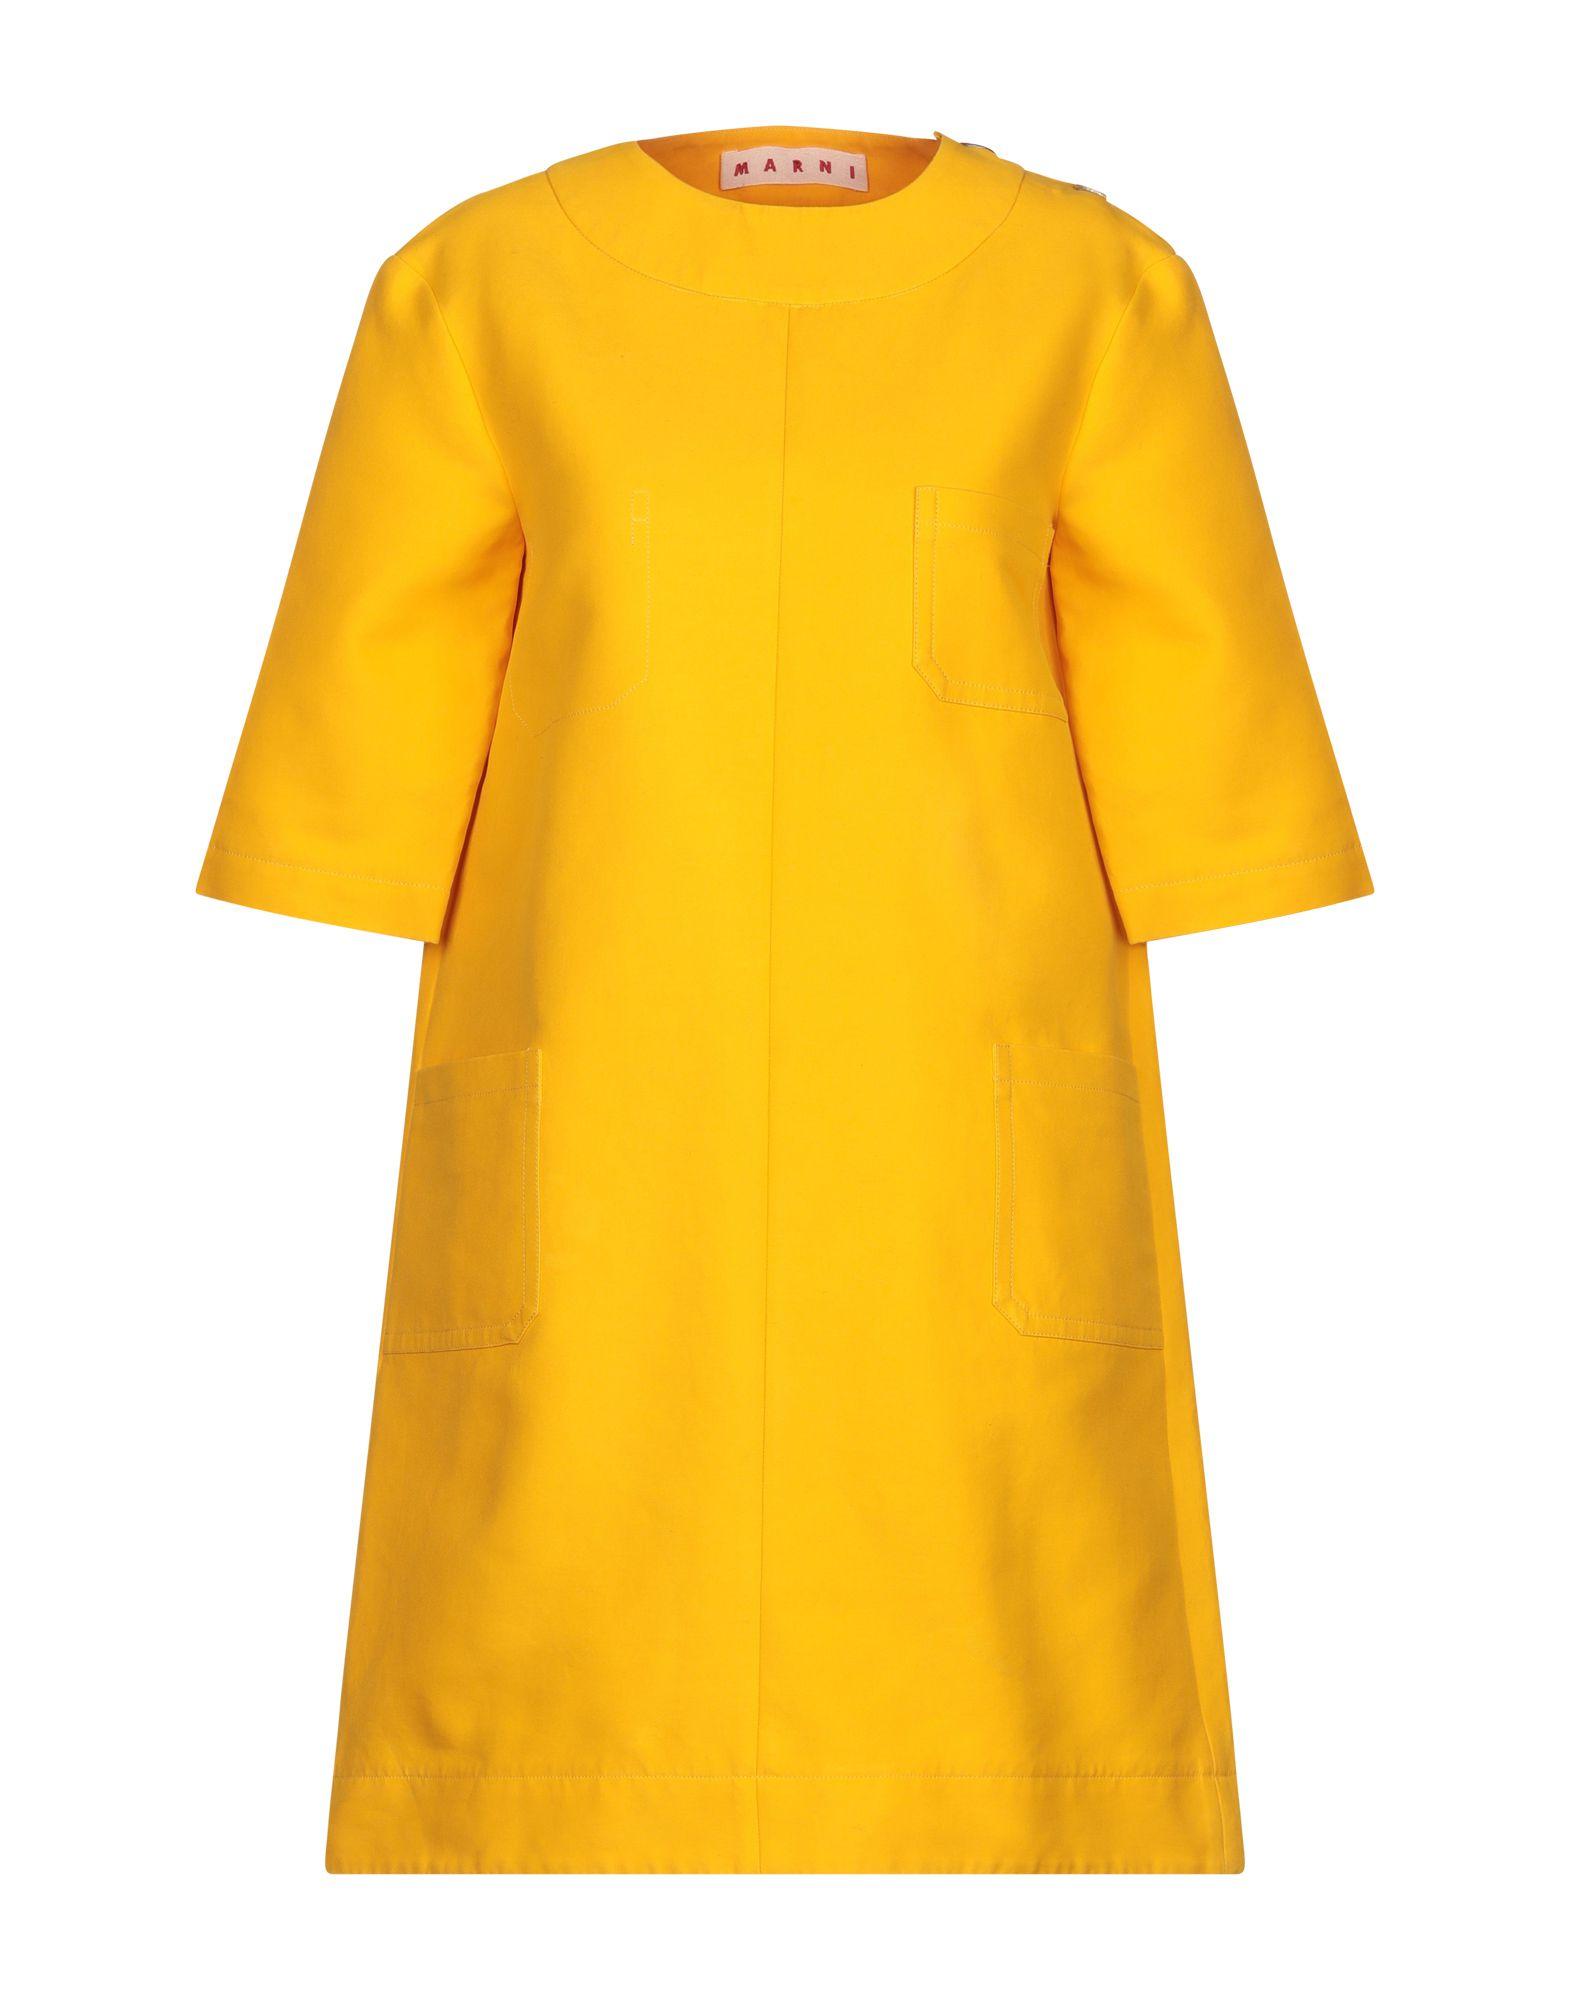 Vestiti donna  abiti eleganti e vestiti da cerimonia c4e7b27351d